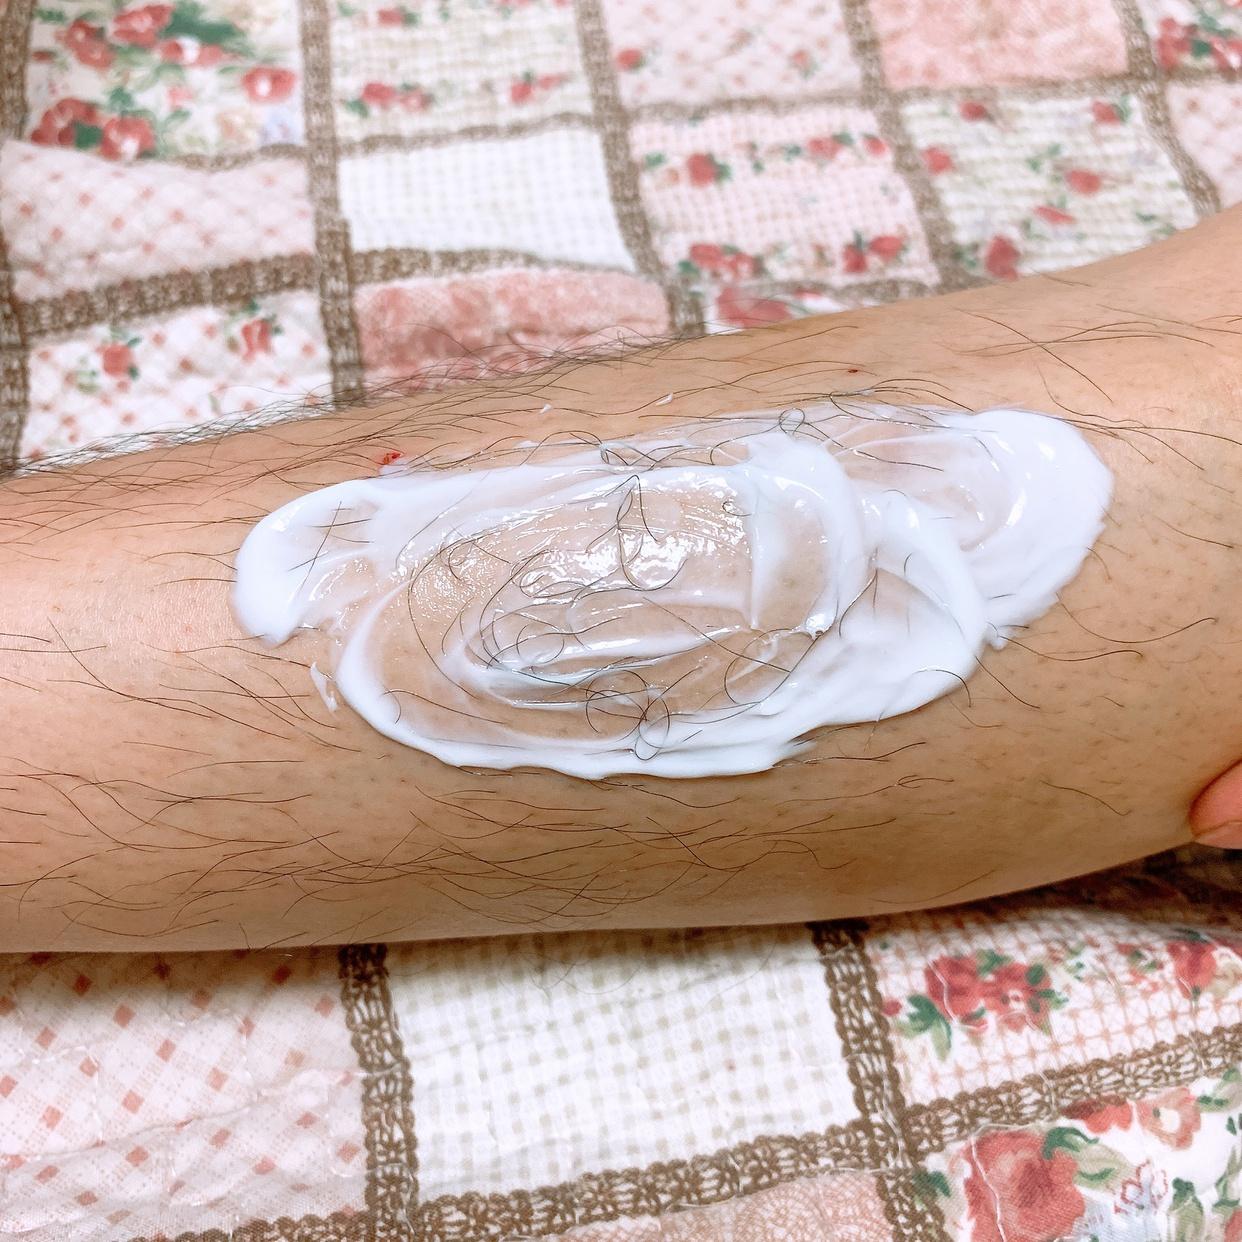 NONON(ノンノン) オールインワン除毛クリームを使ったまりたそさんのクチコミ画像3